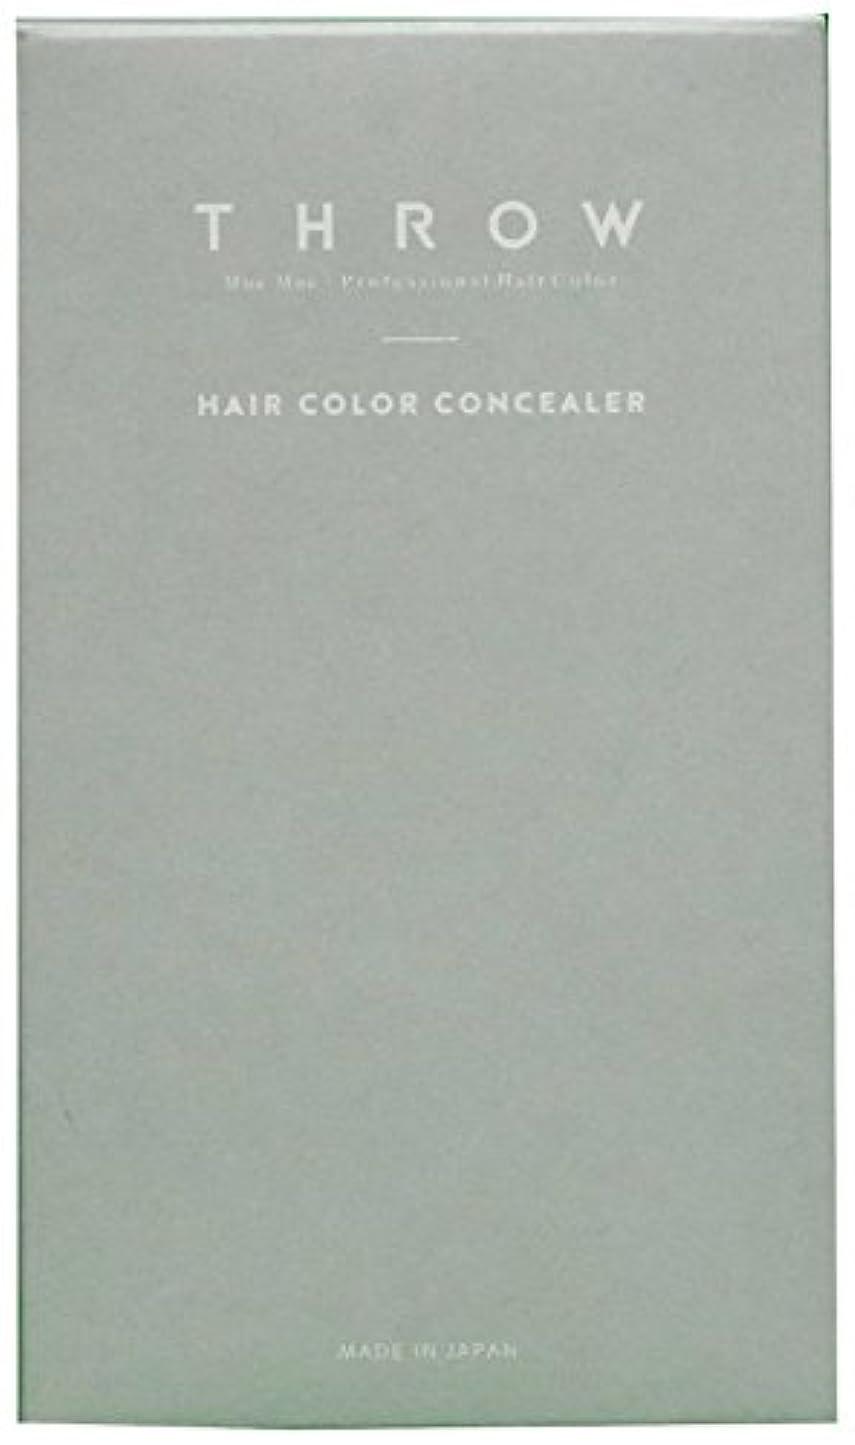 一握り帳面脇にスロウ ヘアカラーコンシーラー(ライトブラウンレギュラー)<毛髪着色料>専用パフ入り